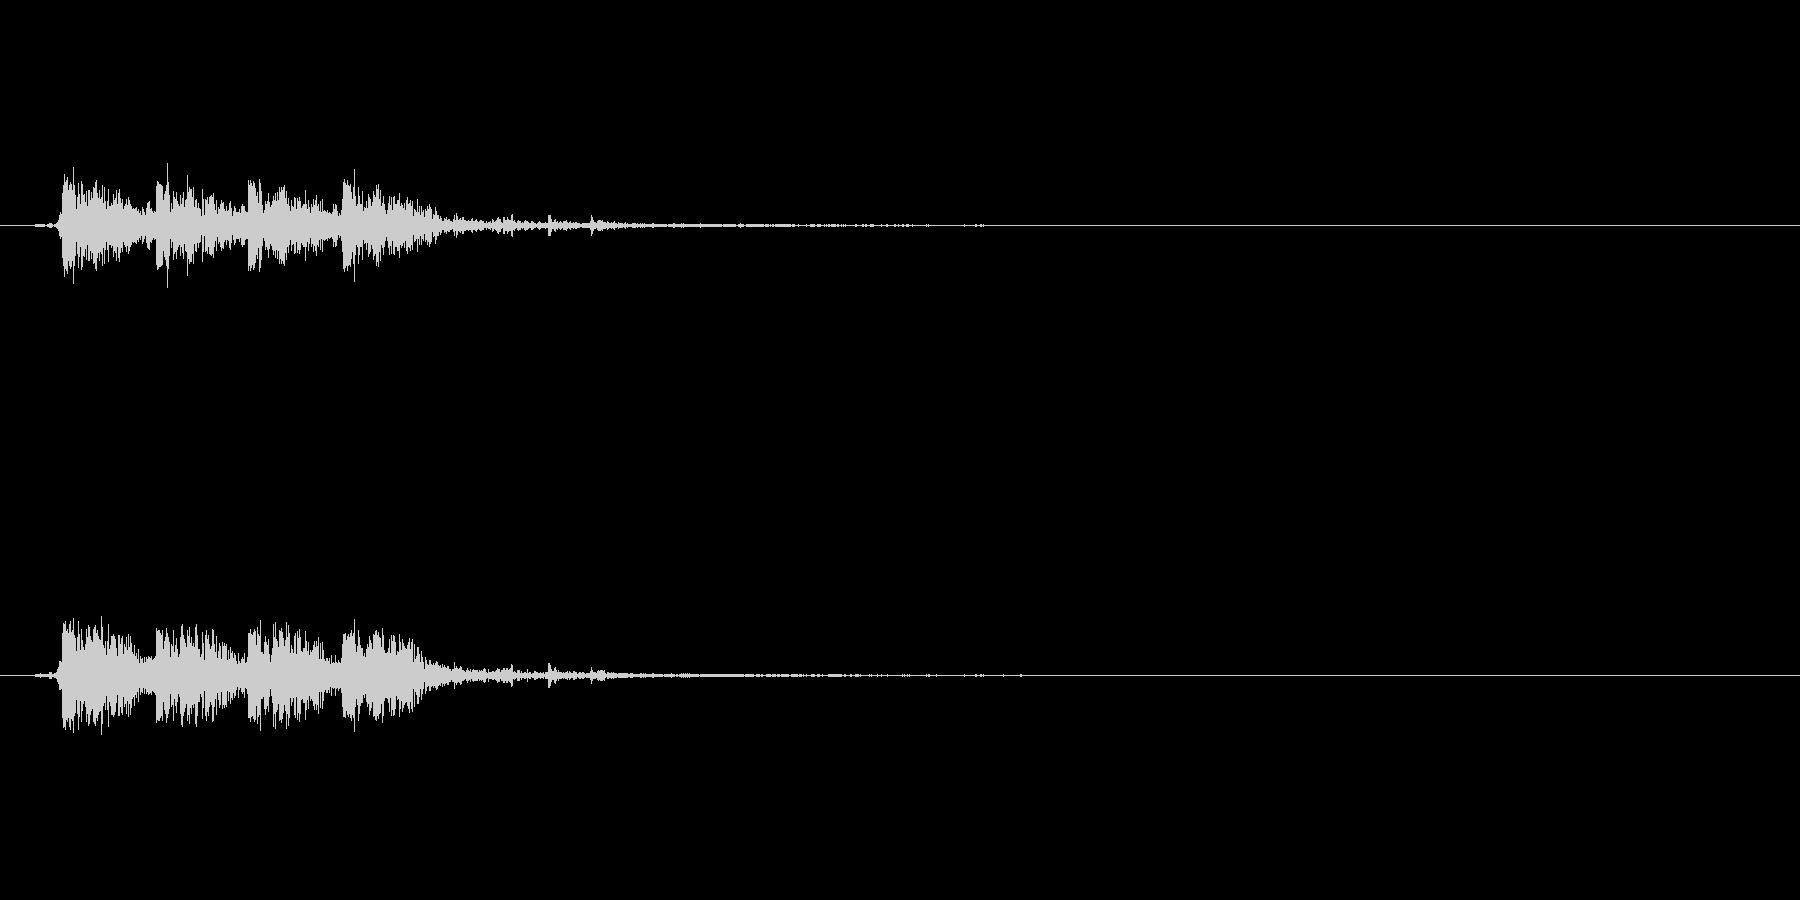 マシンガンの銃声の未再生の波形